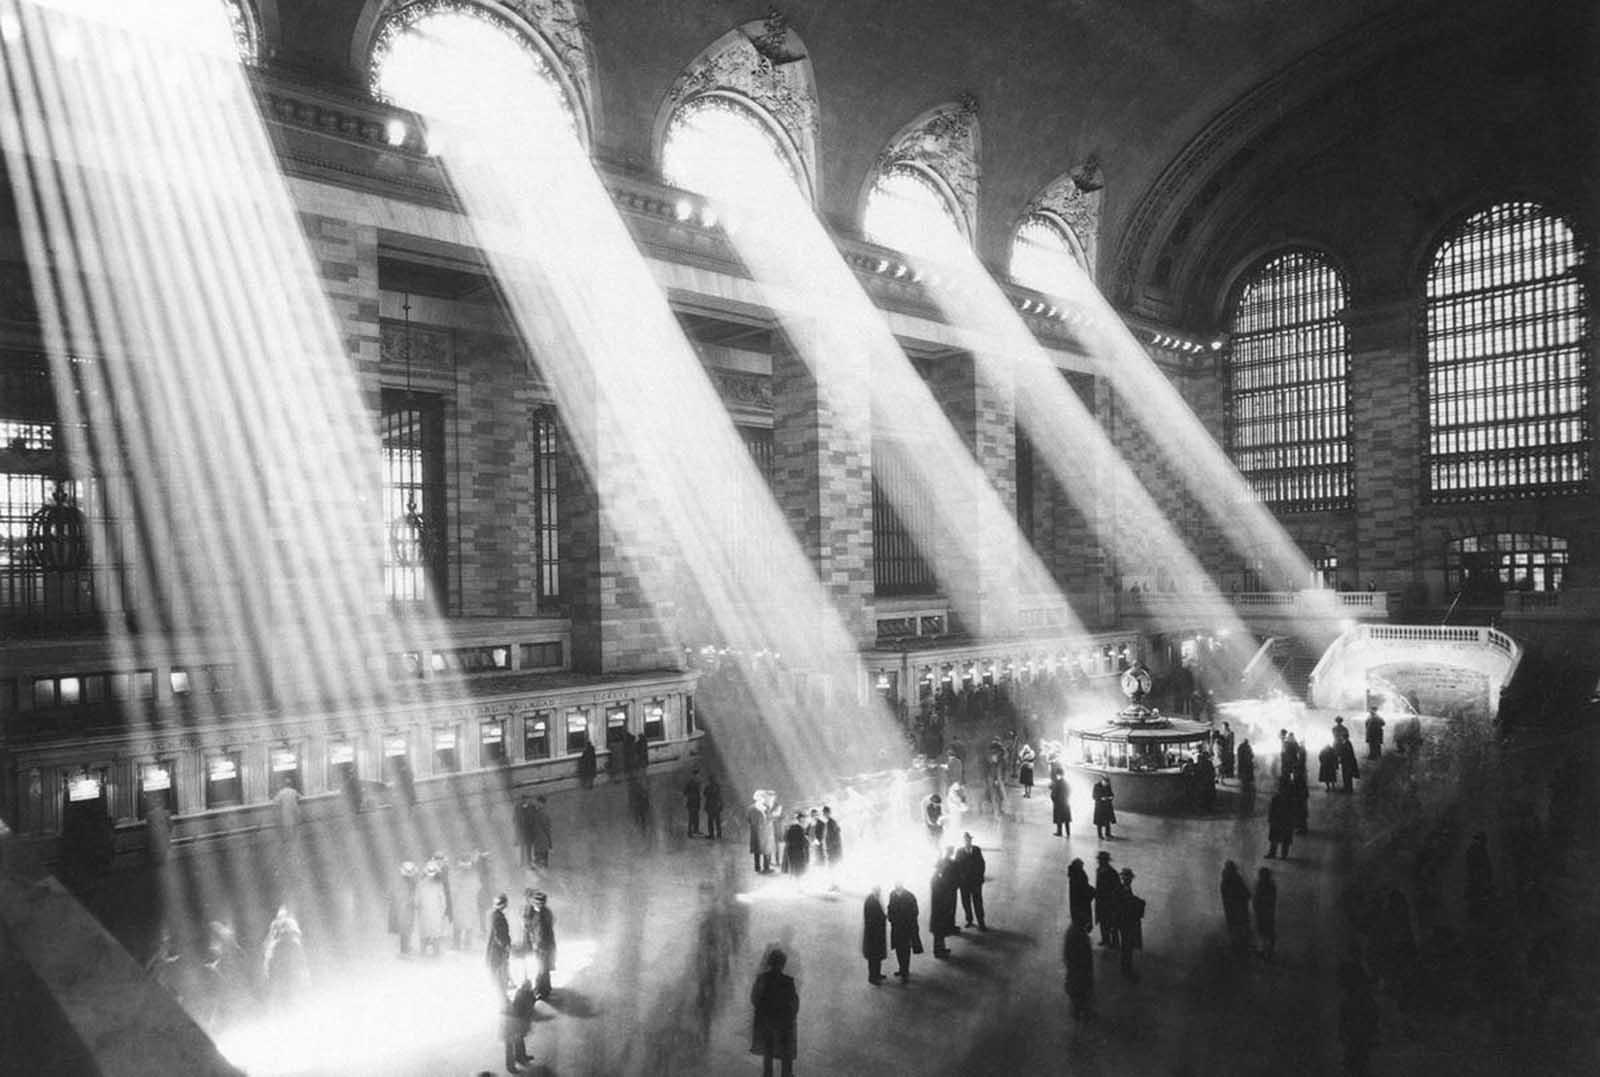 La luz del sol fluye a través de las ventanas en el vestíbulo de la Terminal Grand Central en la ciudad de Nueva York en 1954.